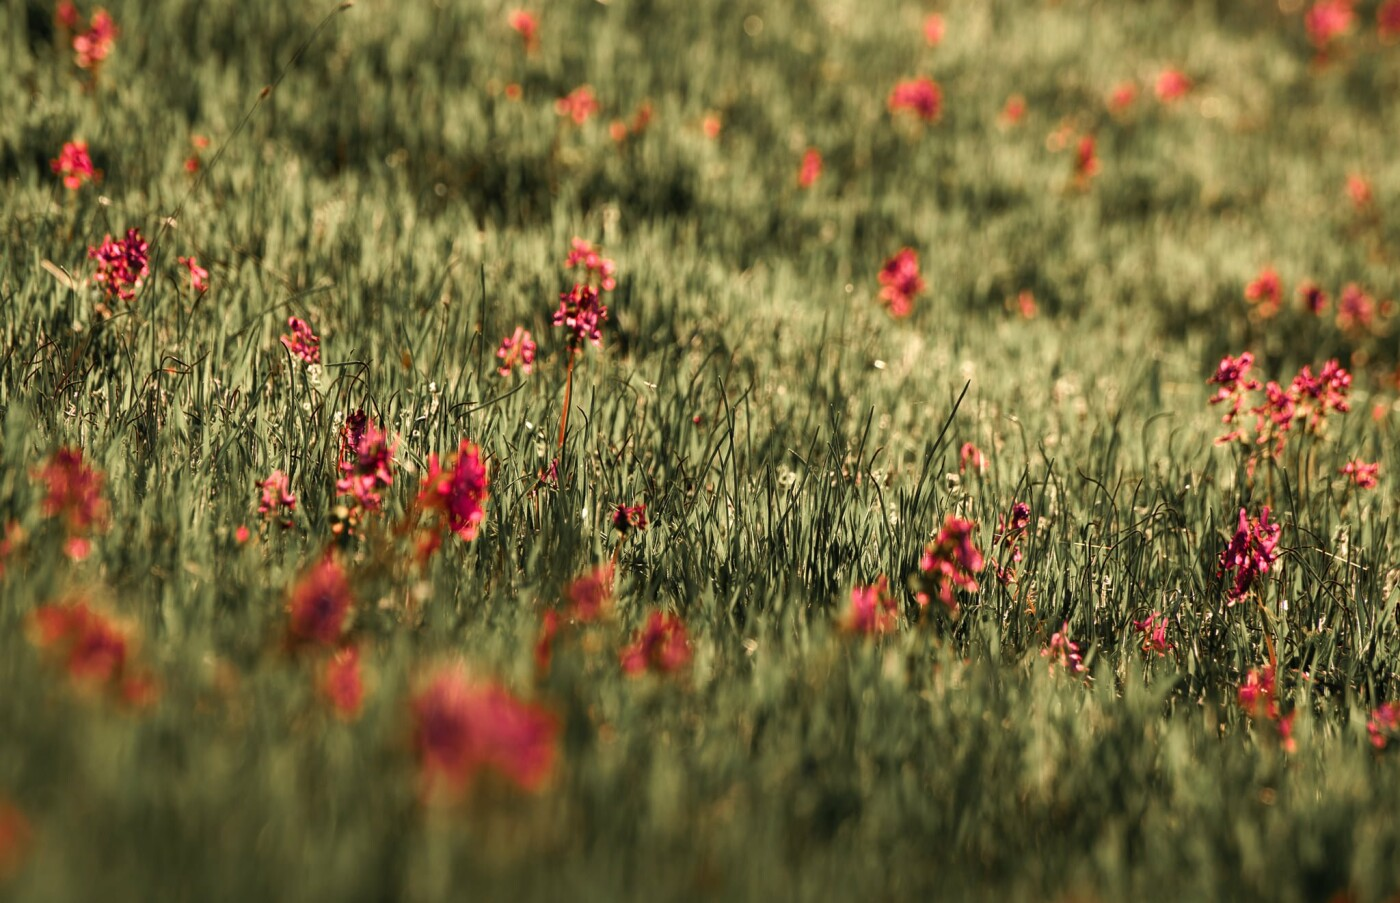 На закате и после грозы: запорожские фотографы делятся снимками цветущей Хортицы, - ФОТО, фото-12